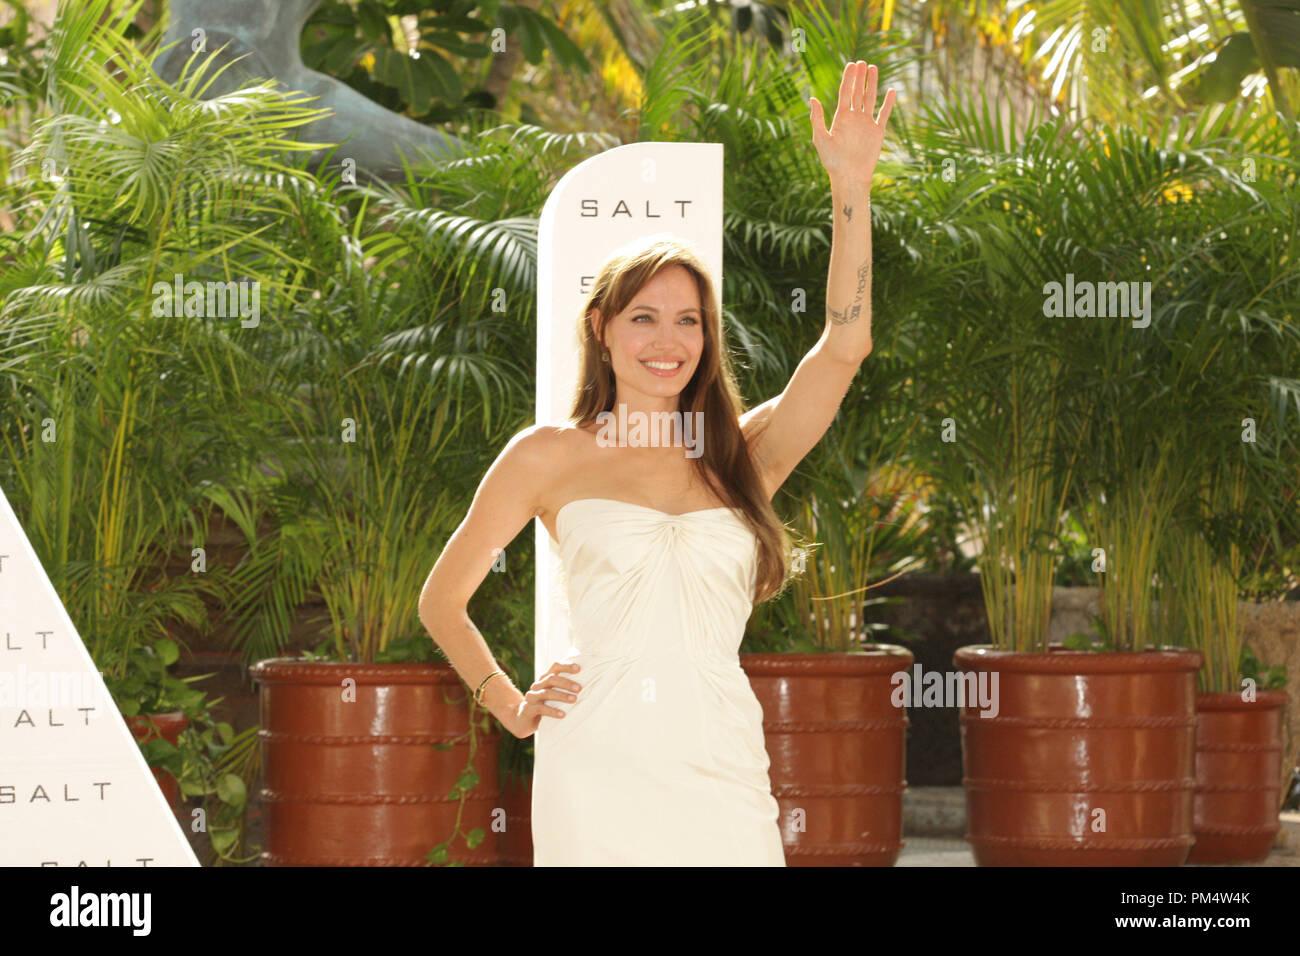 Cancún, México - El 30 de junio de 2010: Angelina Jolie en Columbia Pictures Foto sal llamada retenida en el verano de Sony. Imagen De Stock